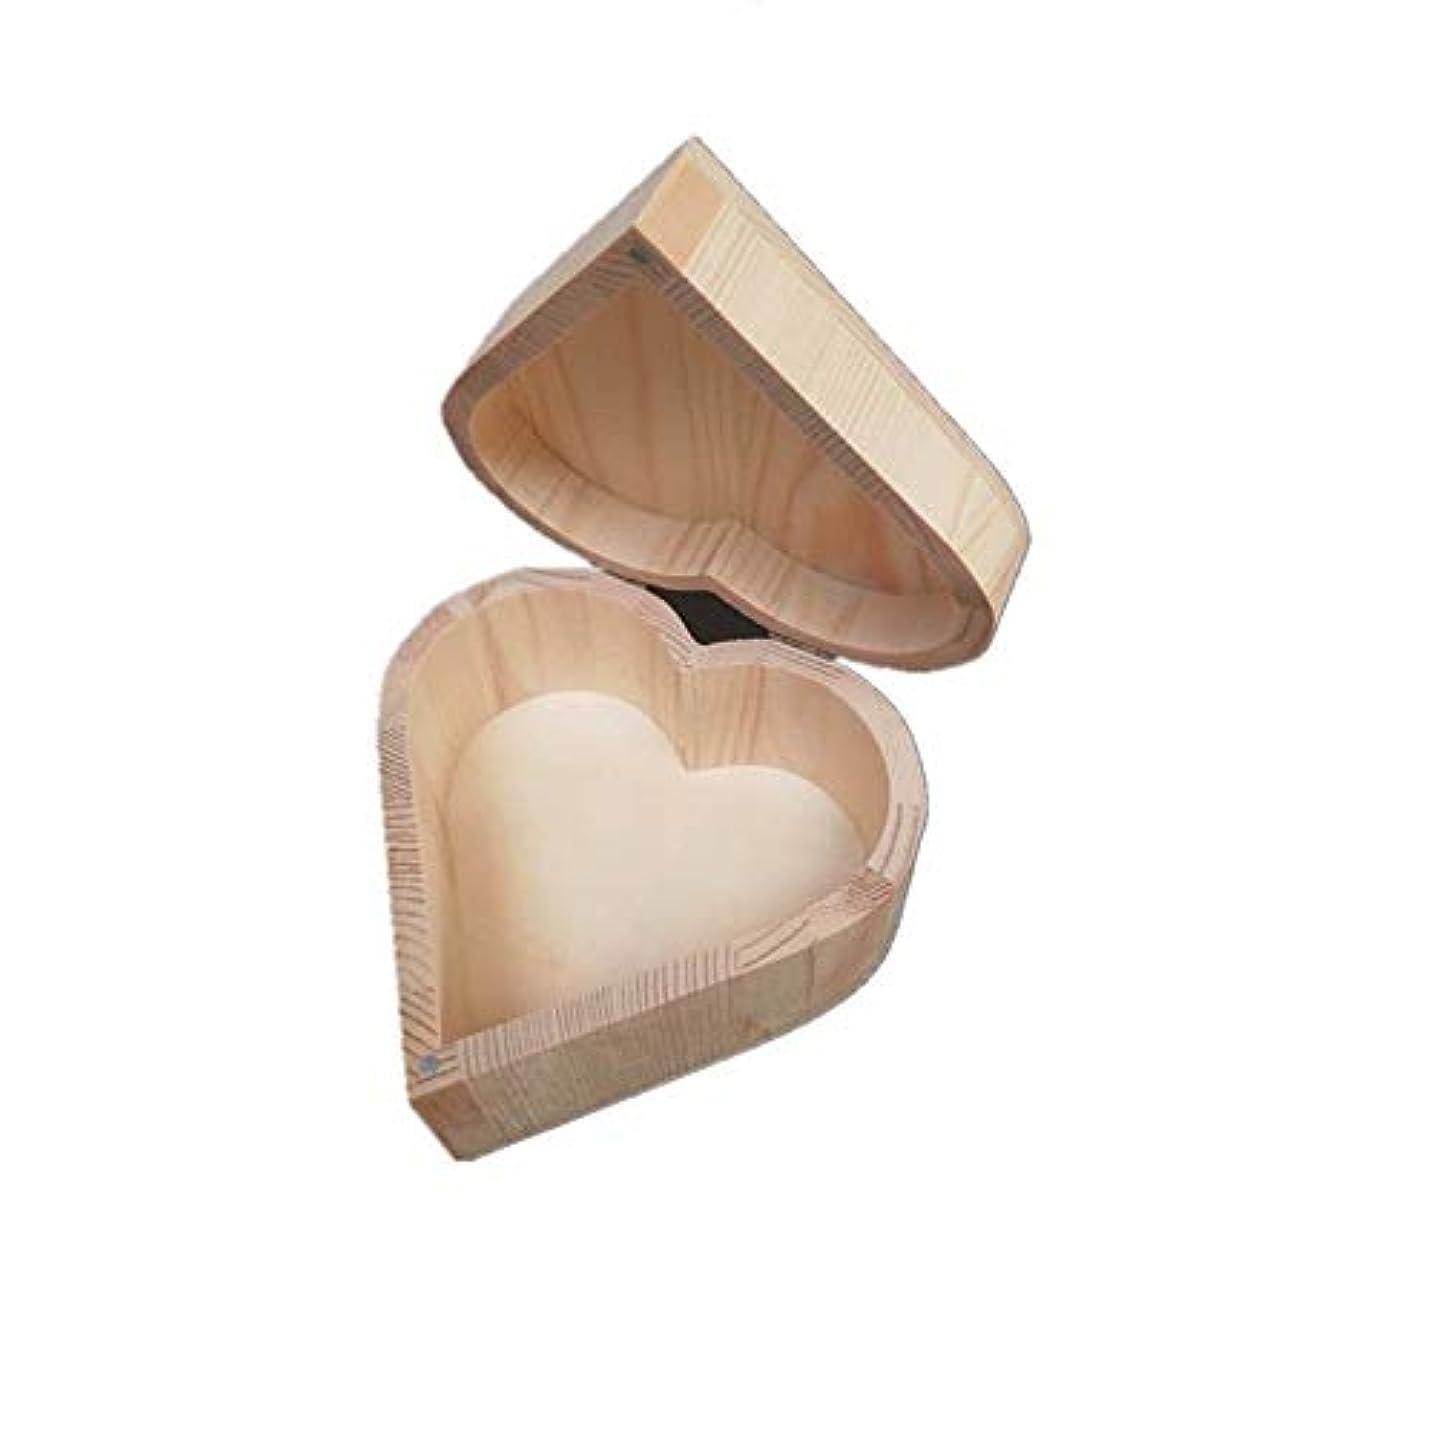 墓地市の中心部専ら精油ケース 手作りハート木製エッセンシャルオイルボックスパーフェクトエッセンシャルオイルケース 携帯便利 (色 : Natural, サイズ : 13X13X7CM)